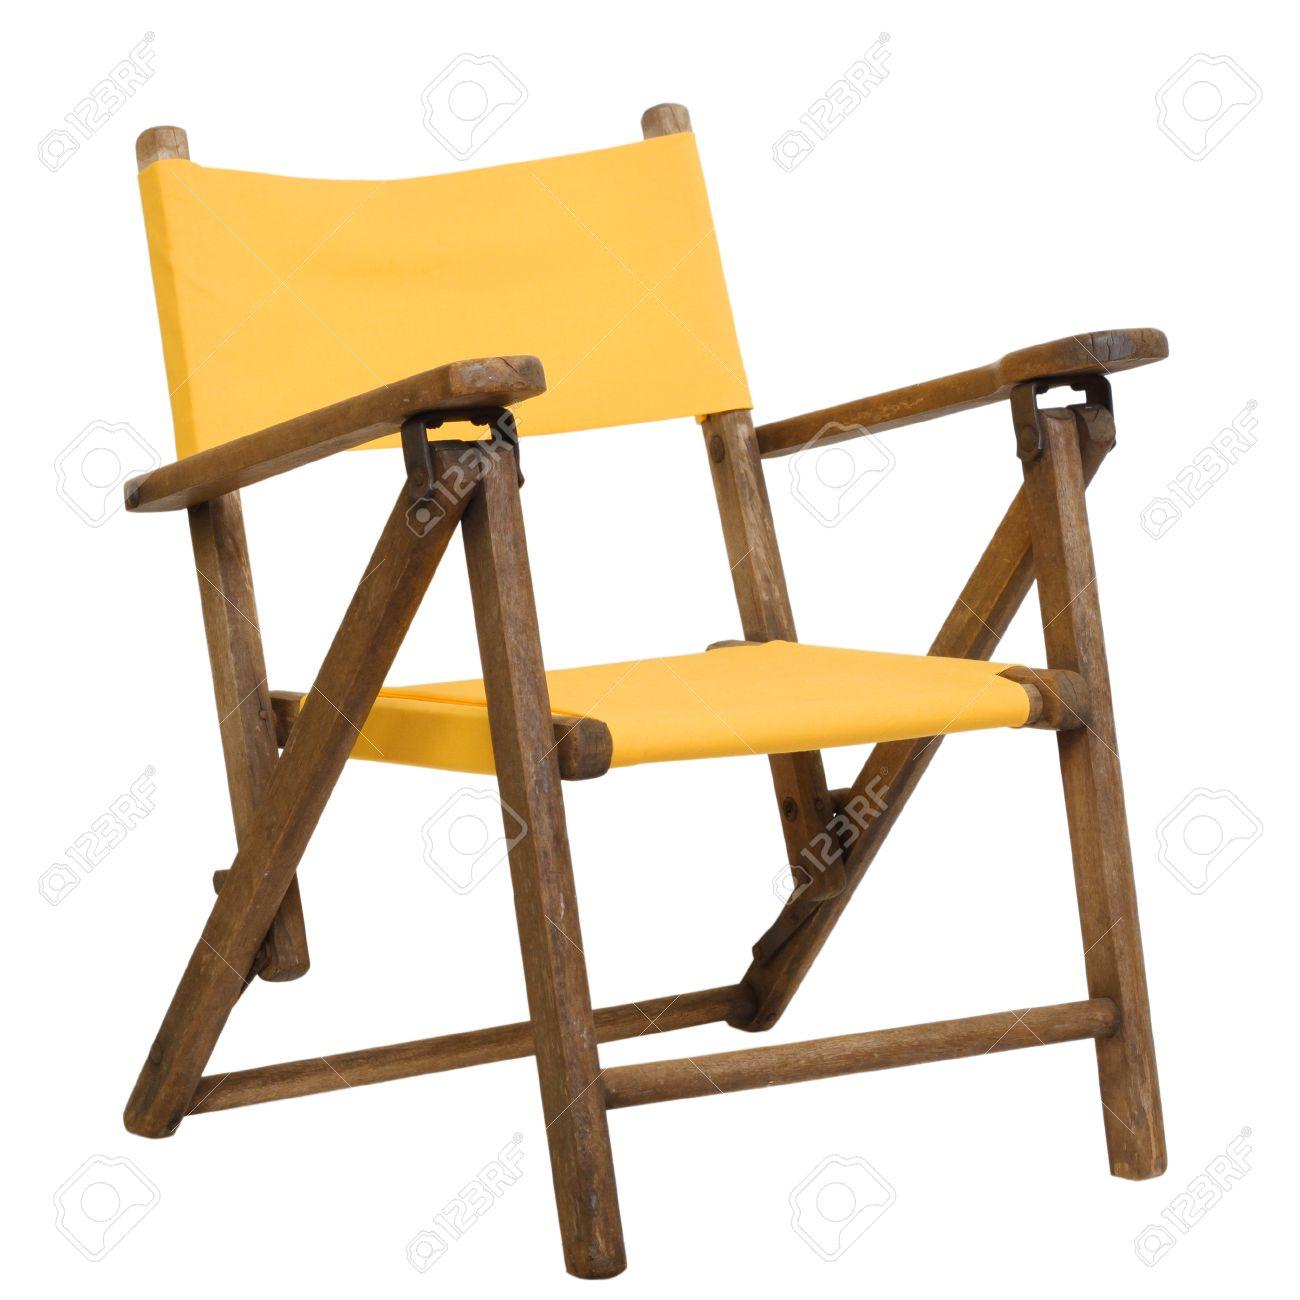 antiguos nios lona plegable silla plegable en color amarillo brillante foto de archivo